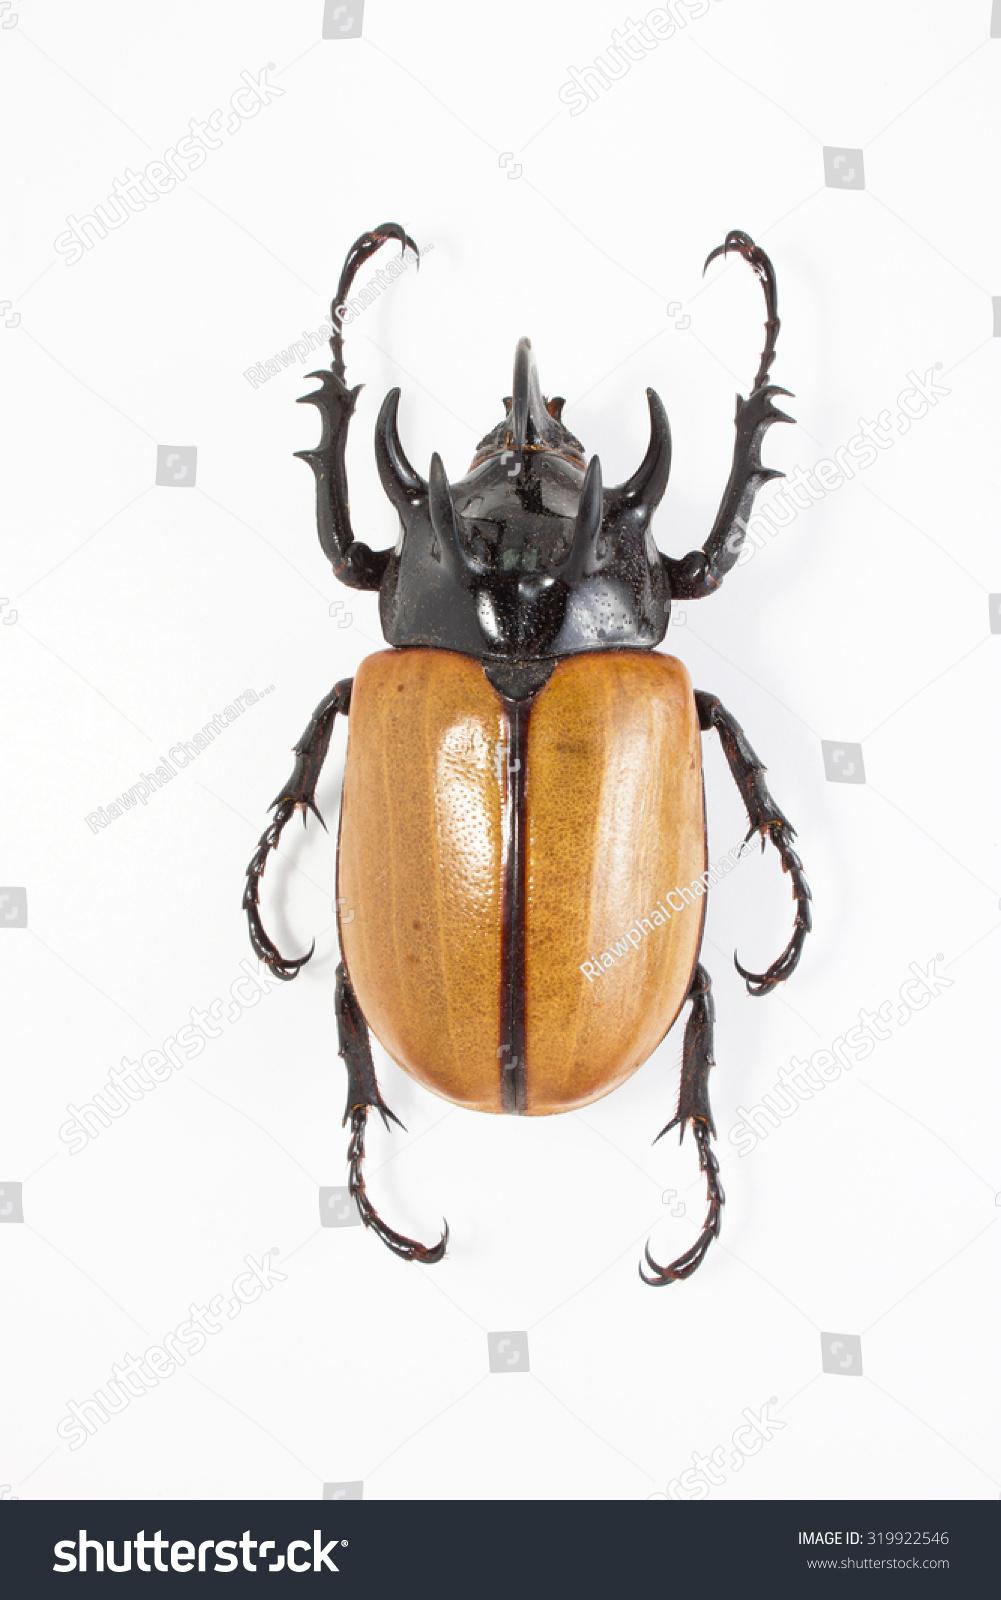 Male Rhinoceros Beetle Stock Photo (Edit Now) 319922546 - Shutterstock